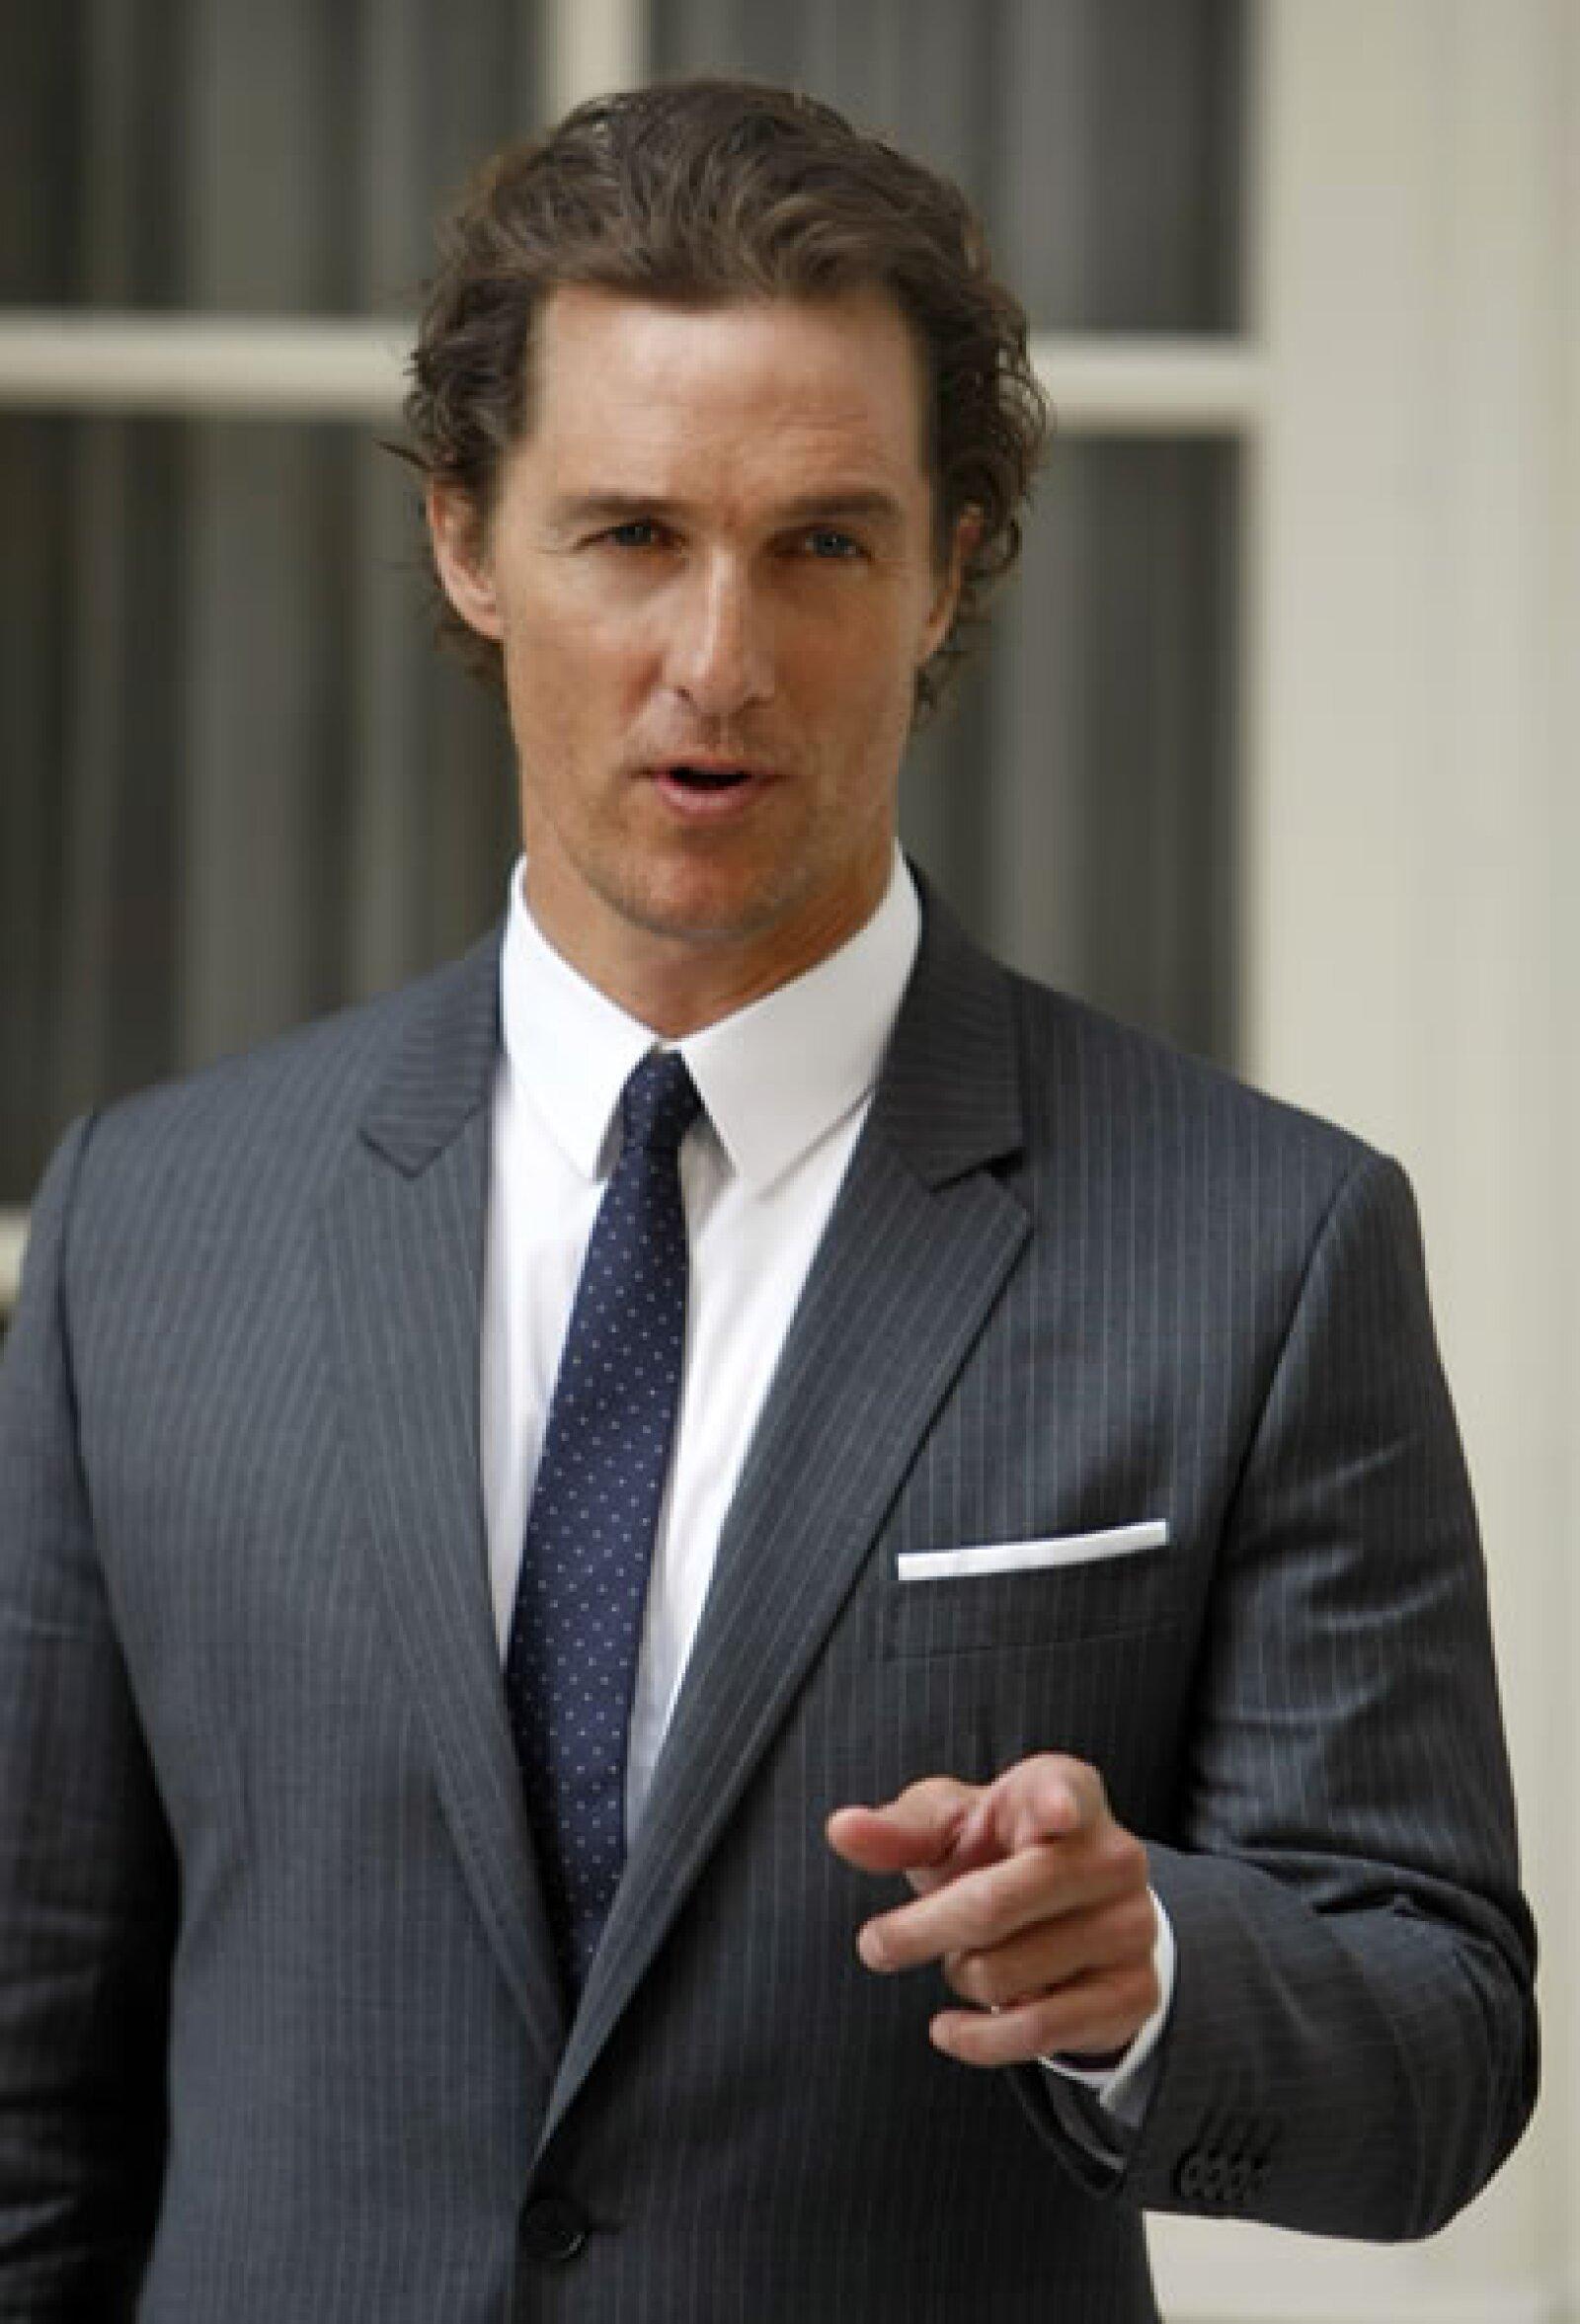 Aunque en pantalla es todo un galán, se comenta que Matthew McConaughey no es nada agradable con sus fans y se molesta si le piden autógrafos.